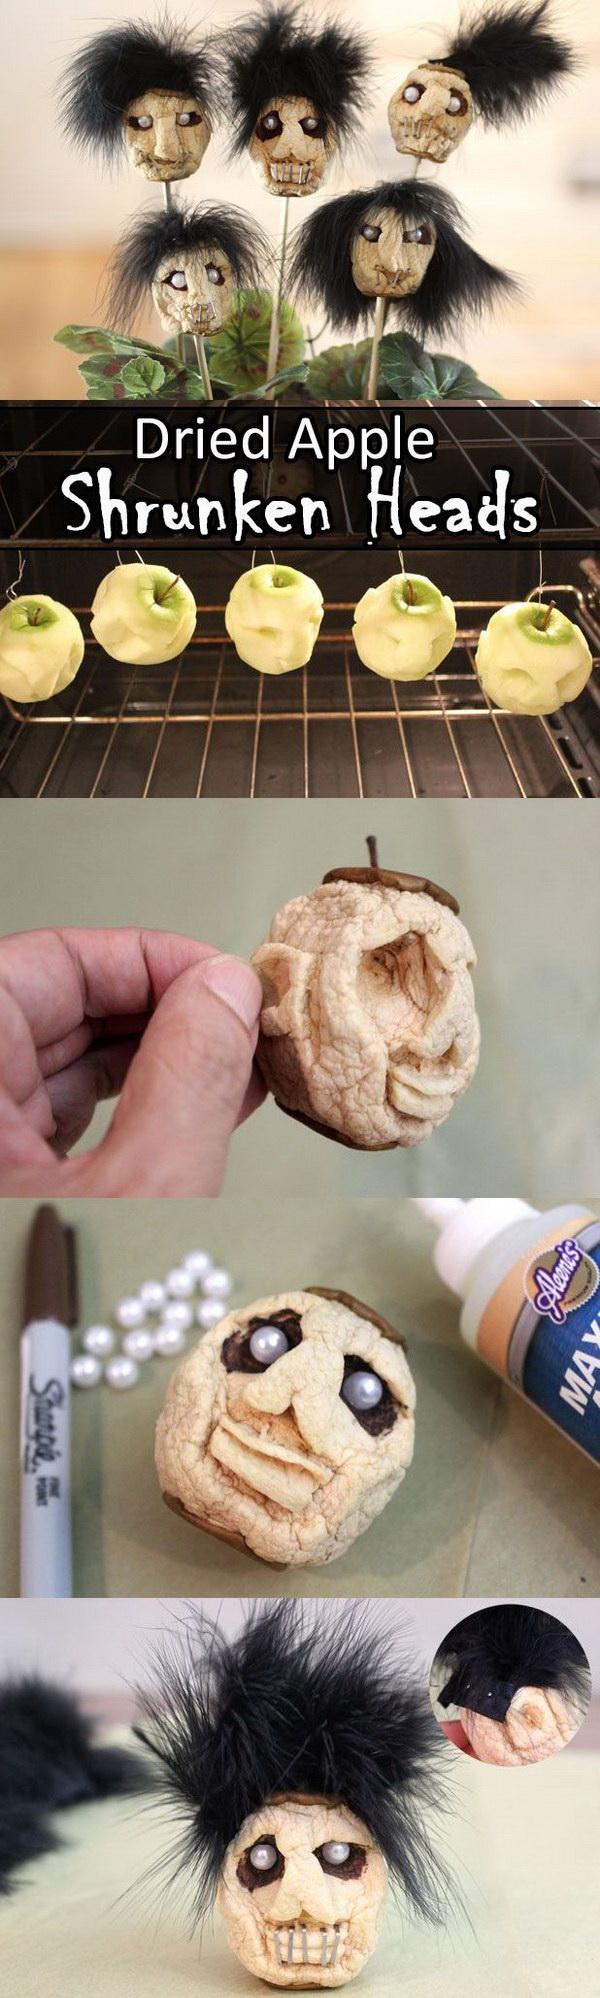 Dried Apple Shrunken Head.